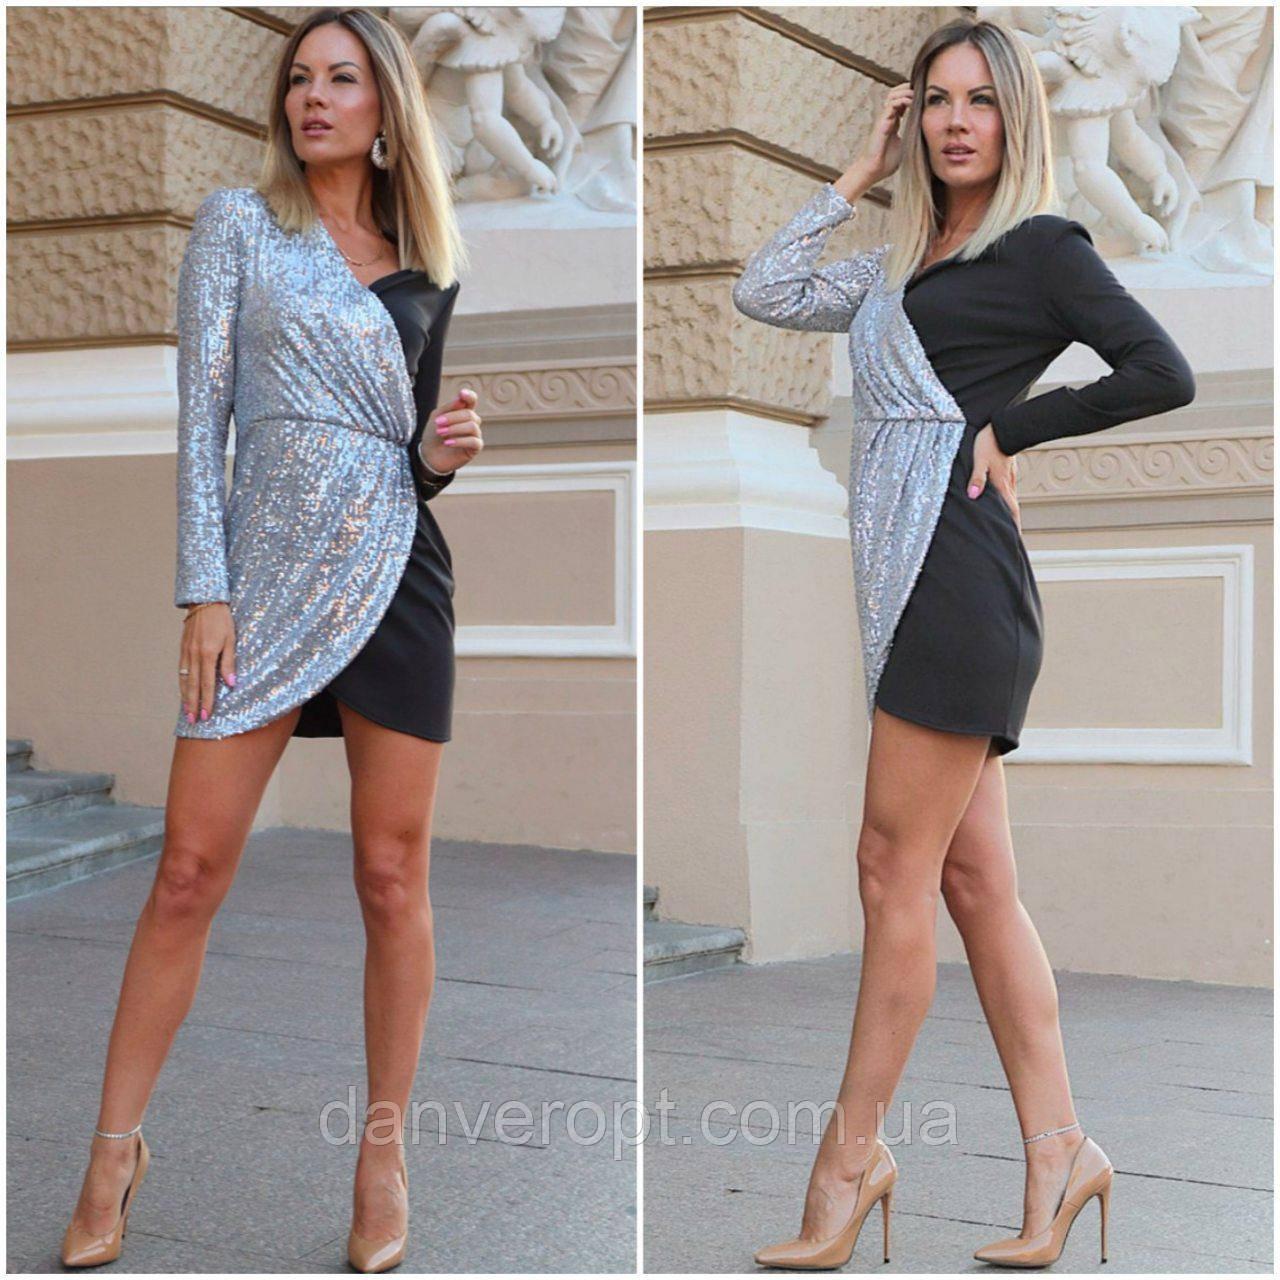 Платье женское модное стильное с пайеткой размер 42-48 купить оптом со склада 7км Одесса